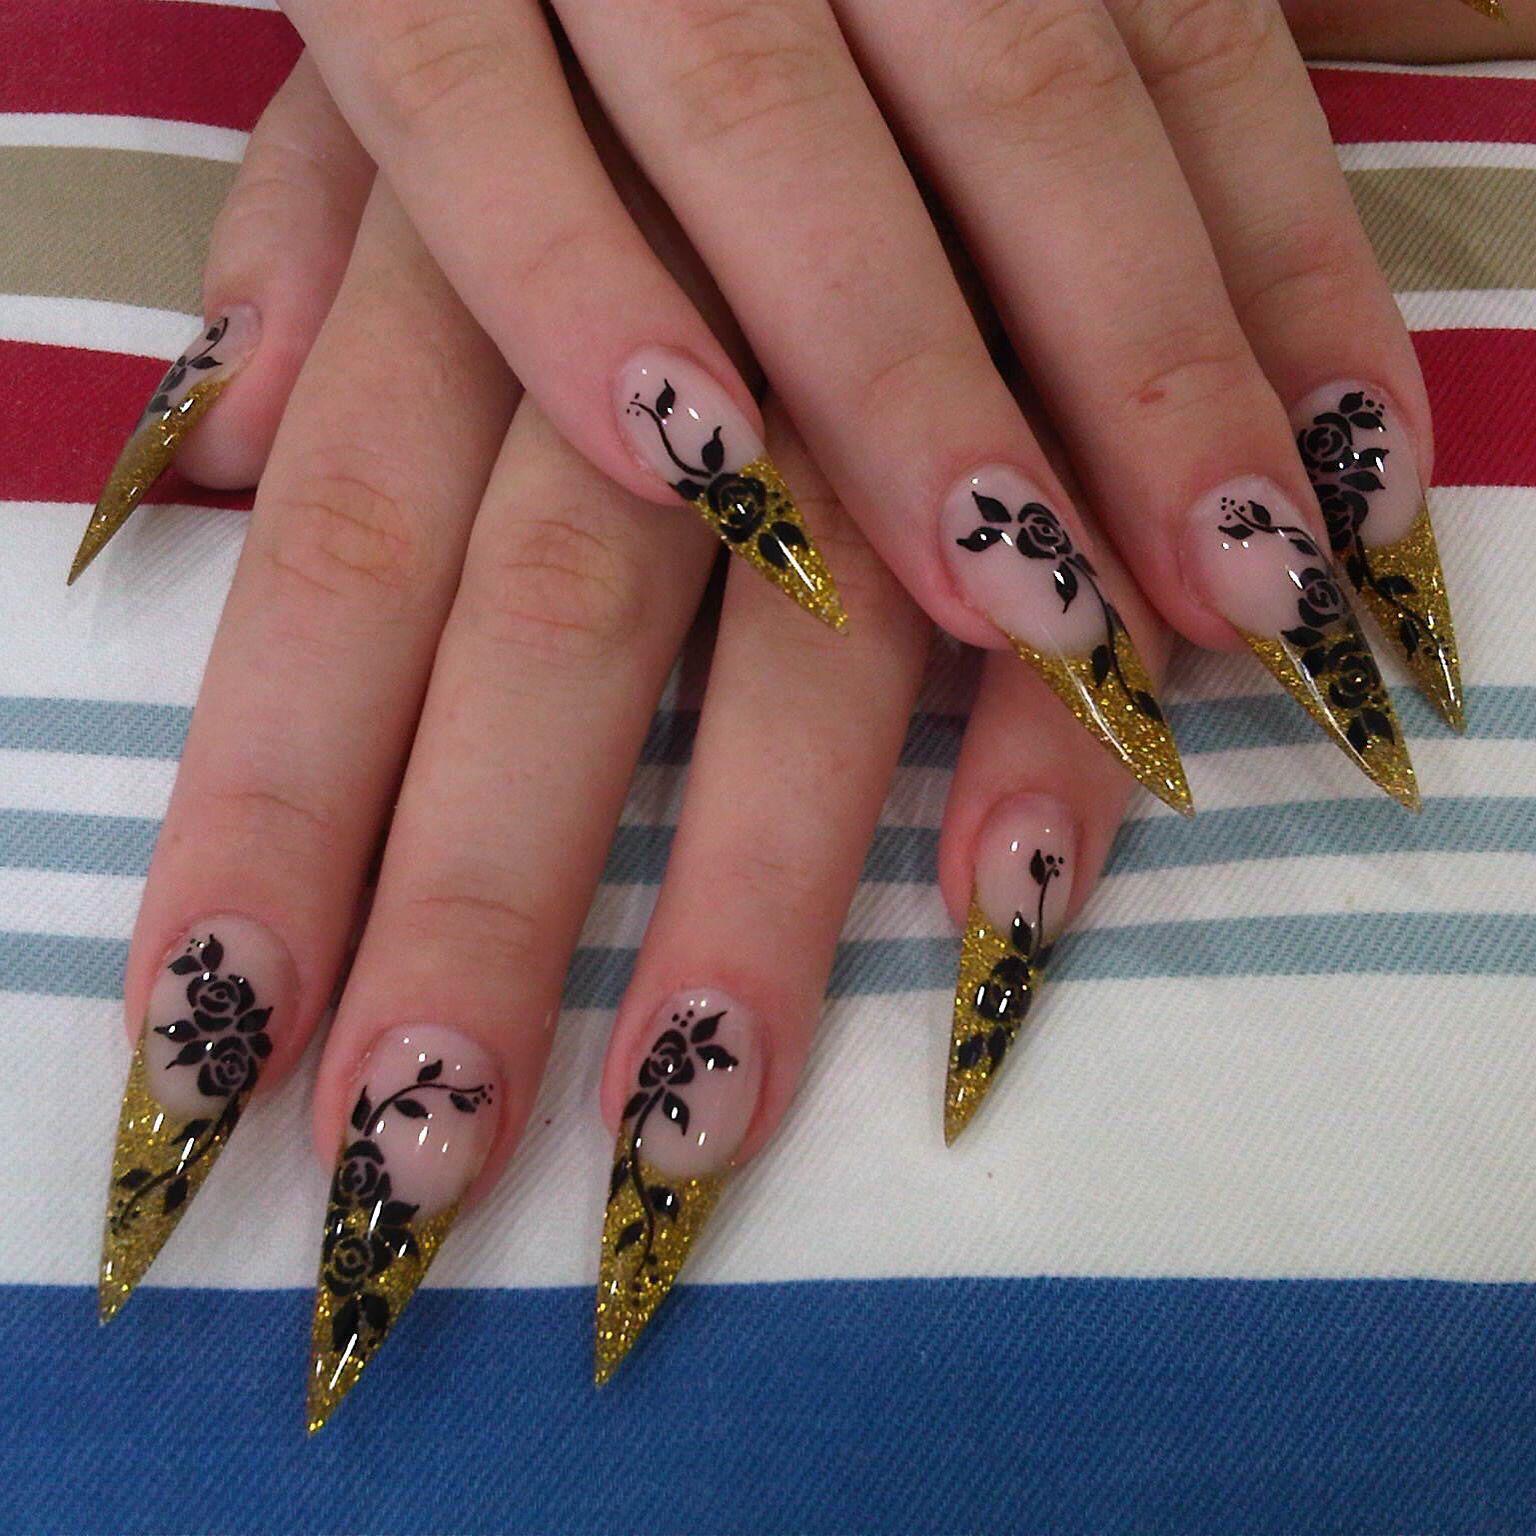 Acrylic nails design by NCN nail academy, Pattaya | NCN Nail Academy ...